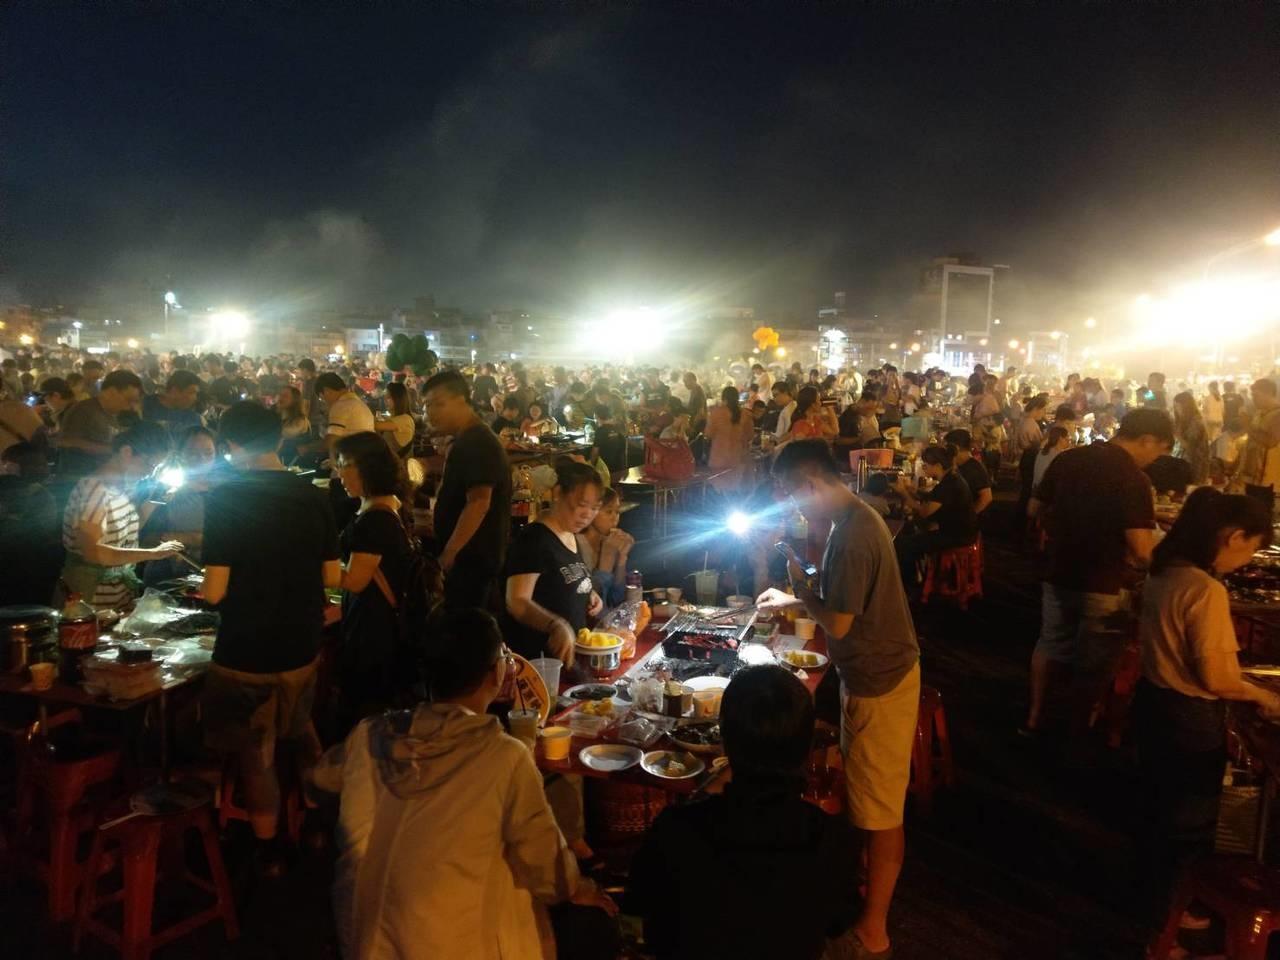 高雄建商利用周末傍晚辦活動,辦五千人烤肉電音派對。記者謝梅芬/攝影